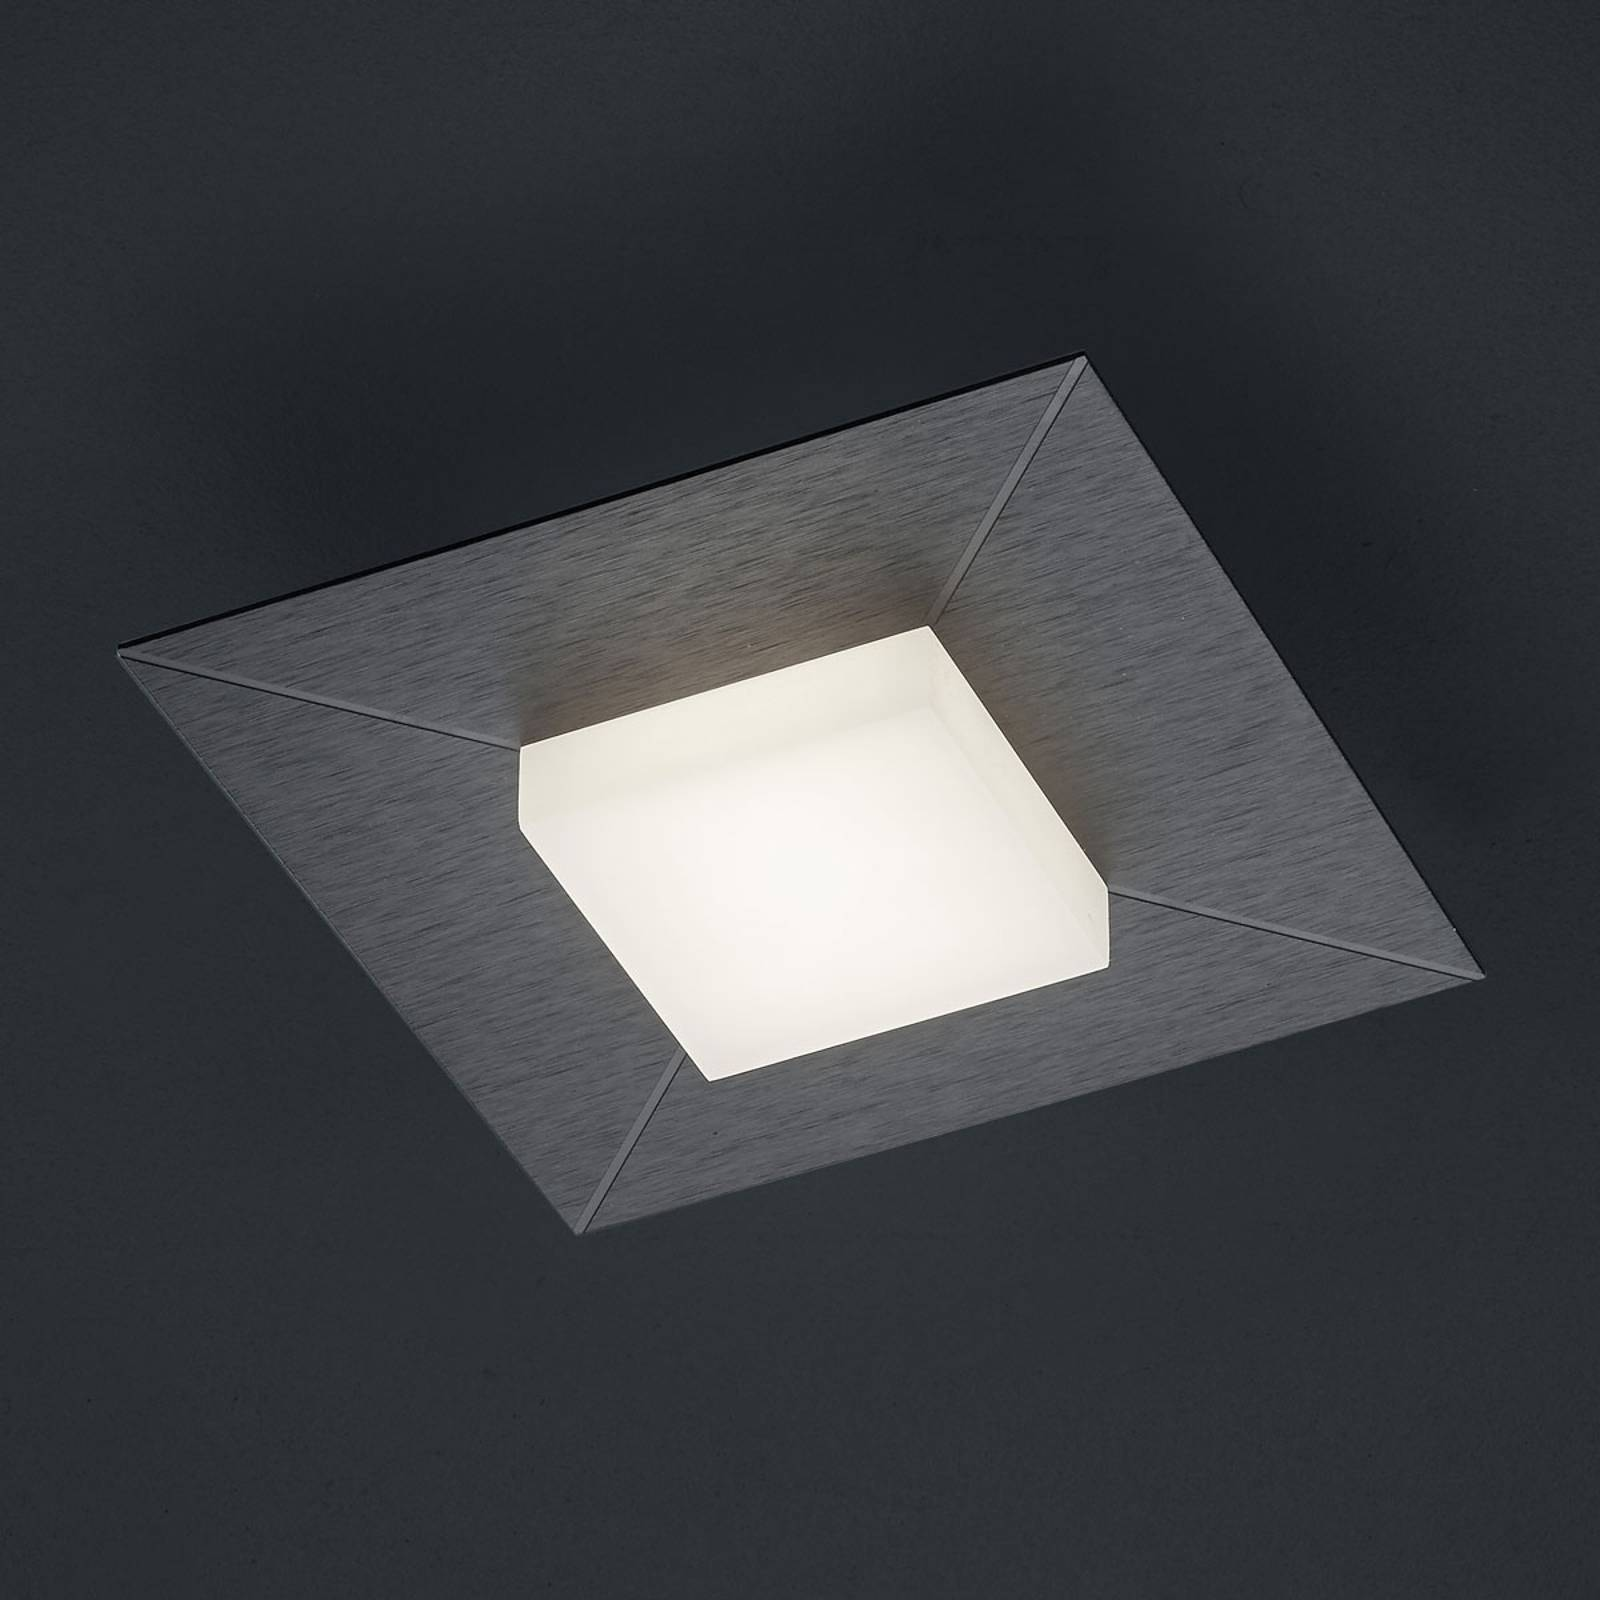 BANKAMP Diamond kattovalo, 17x17 cm, antrasiitti